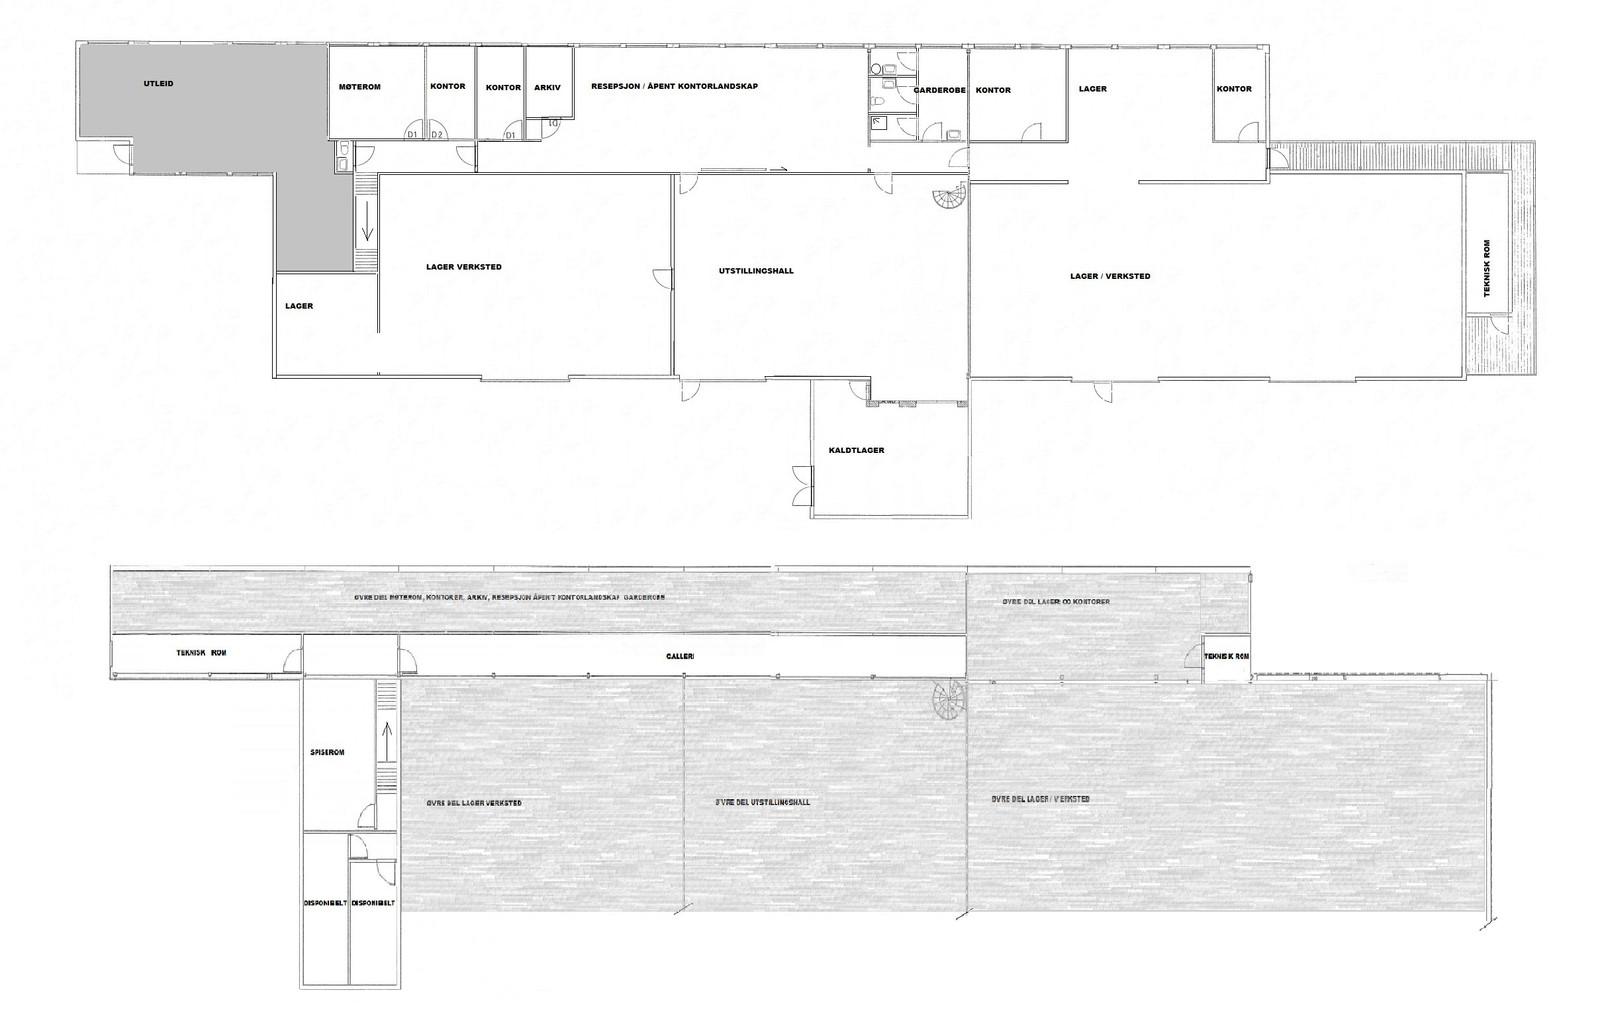 Planskisse hovedplan og galleri